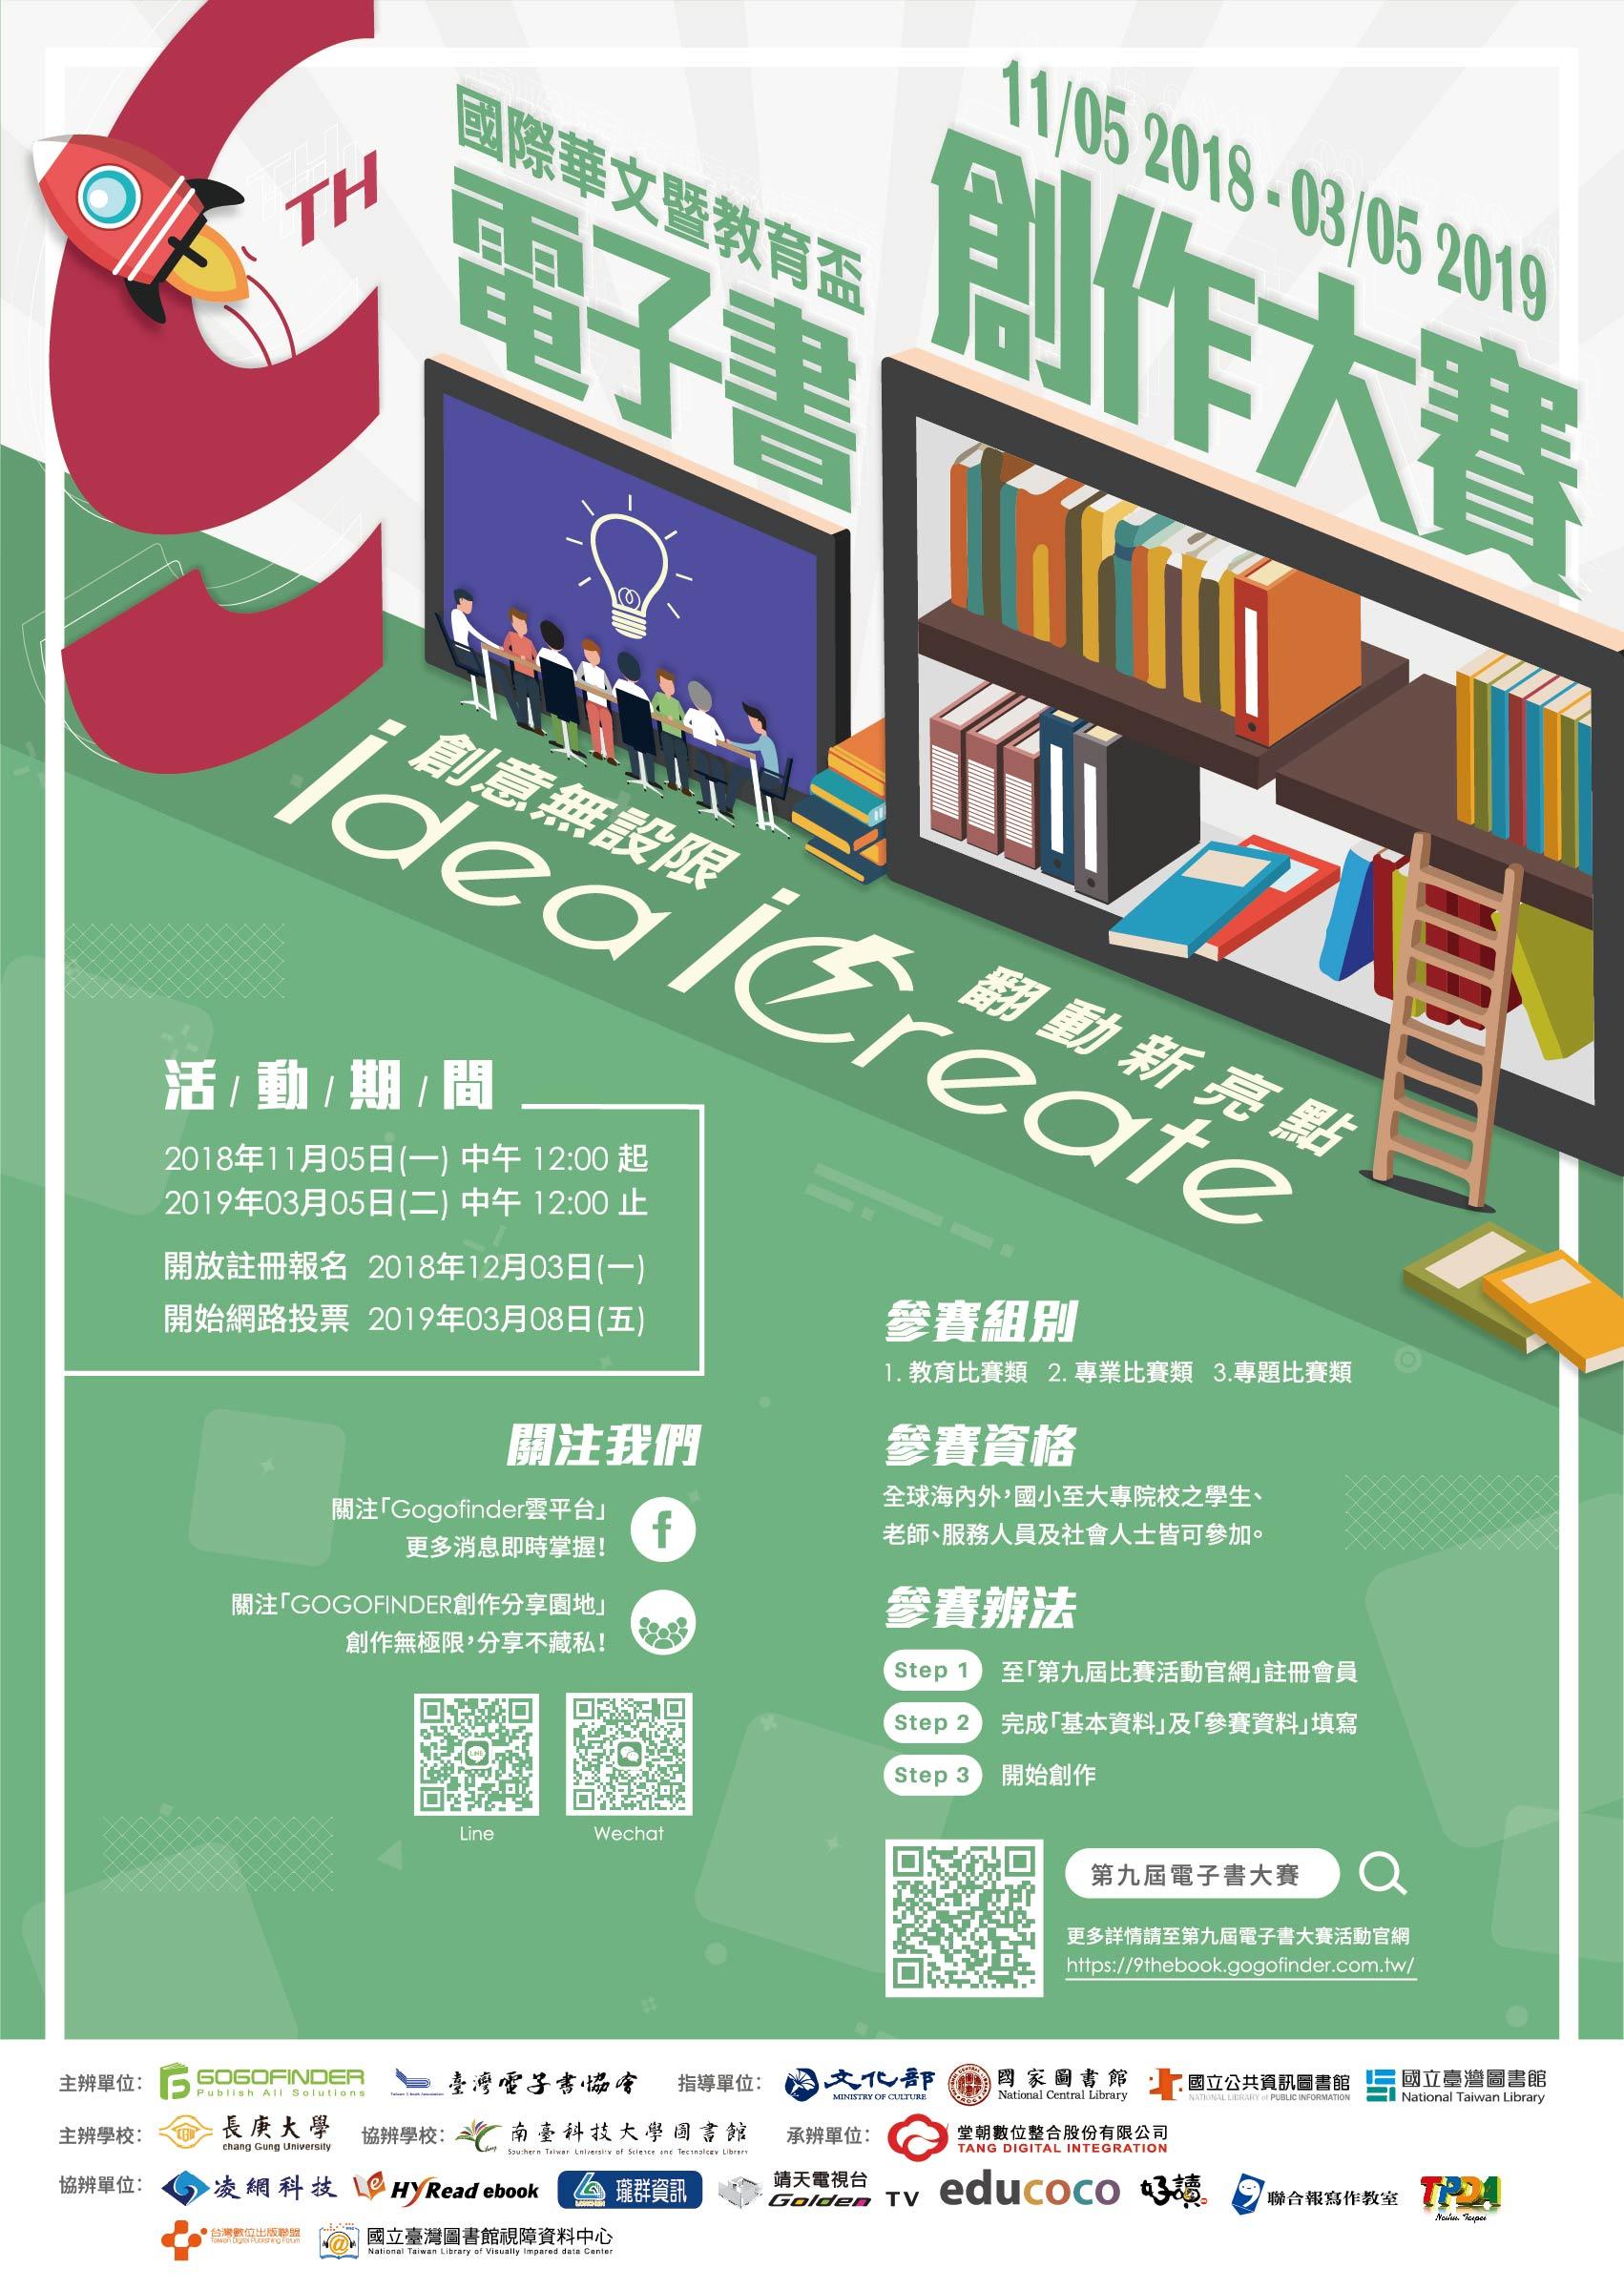 第九屆國際華文暨教育盃電子書創作大賽-海報